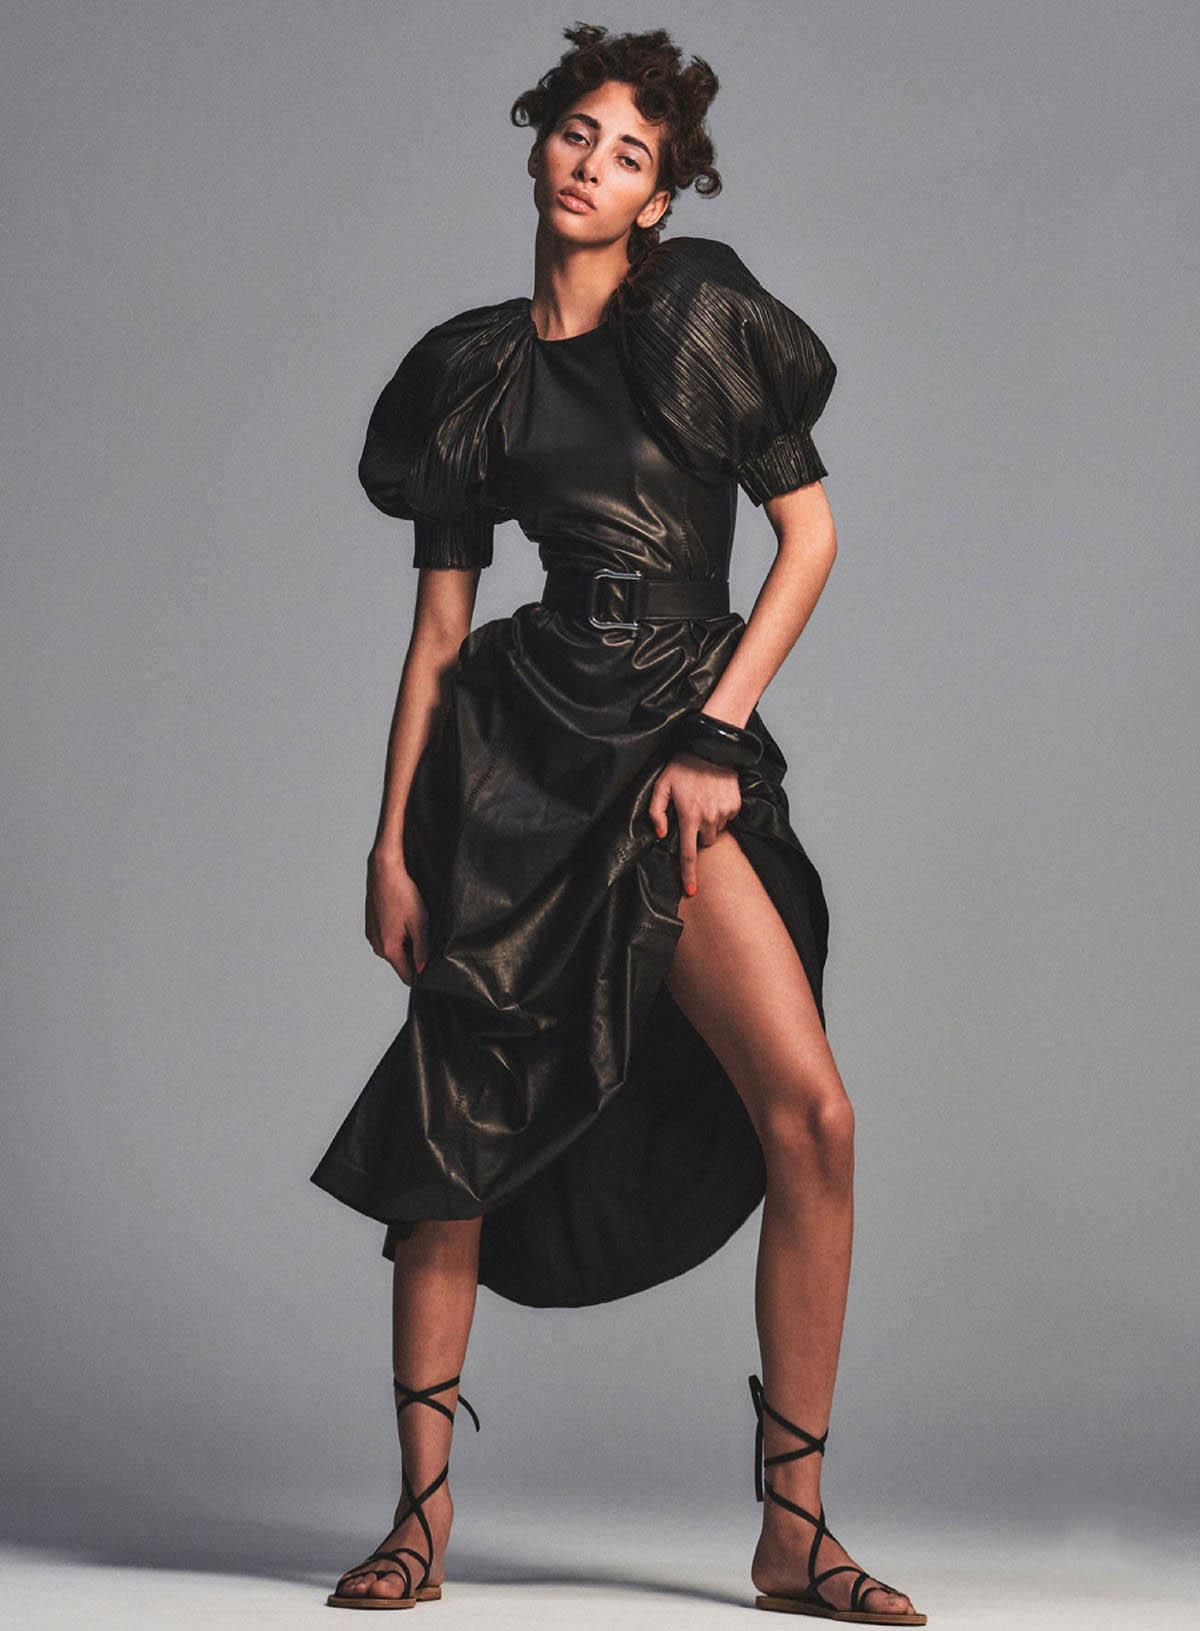 Yasmin Wijnaldum by Chris Colls for Elle US April 2021